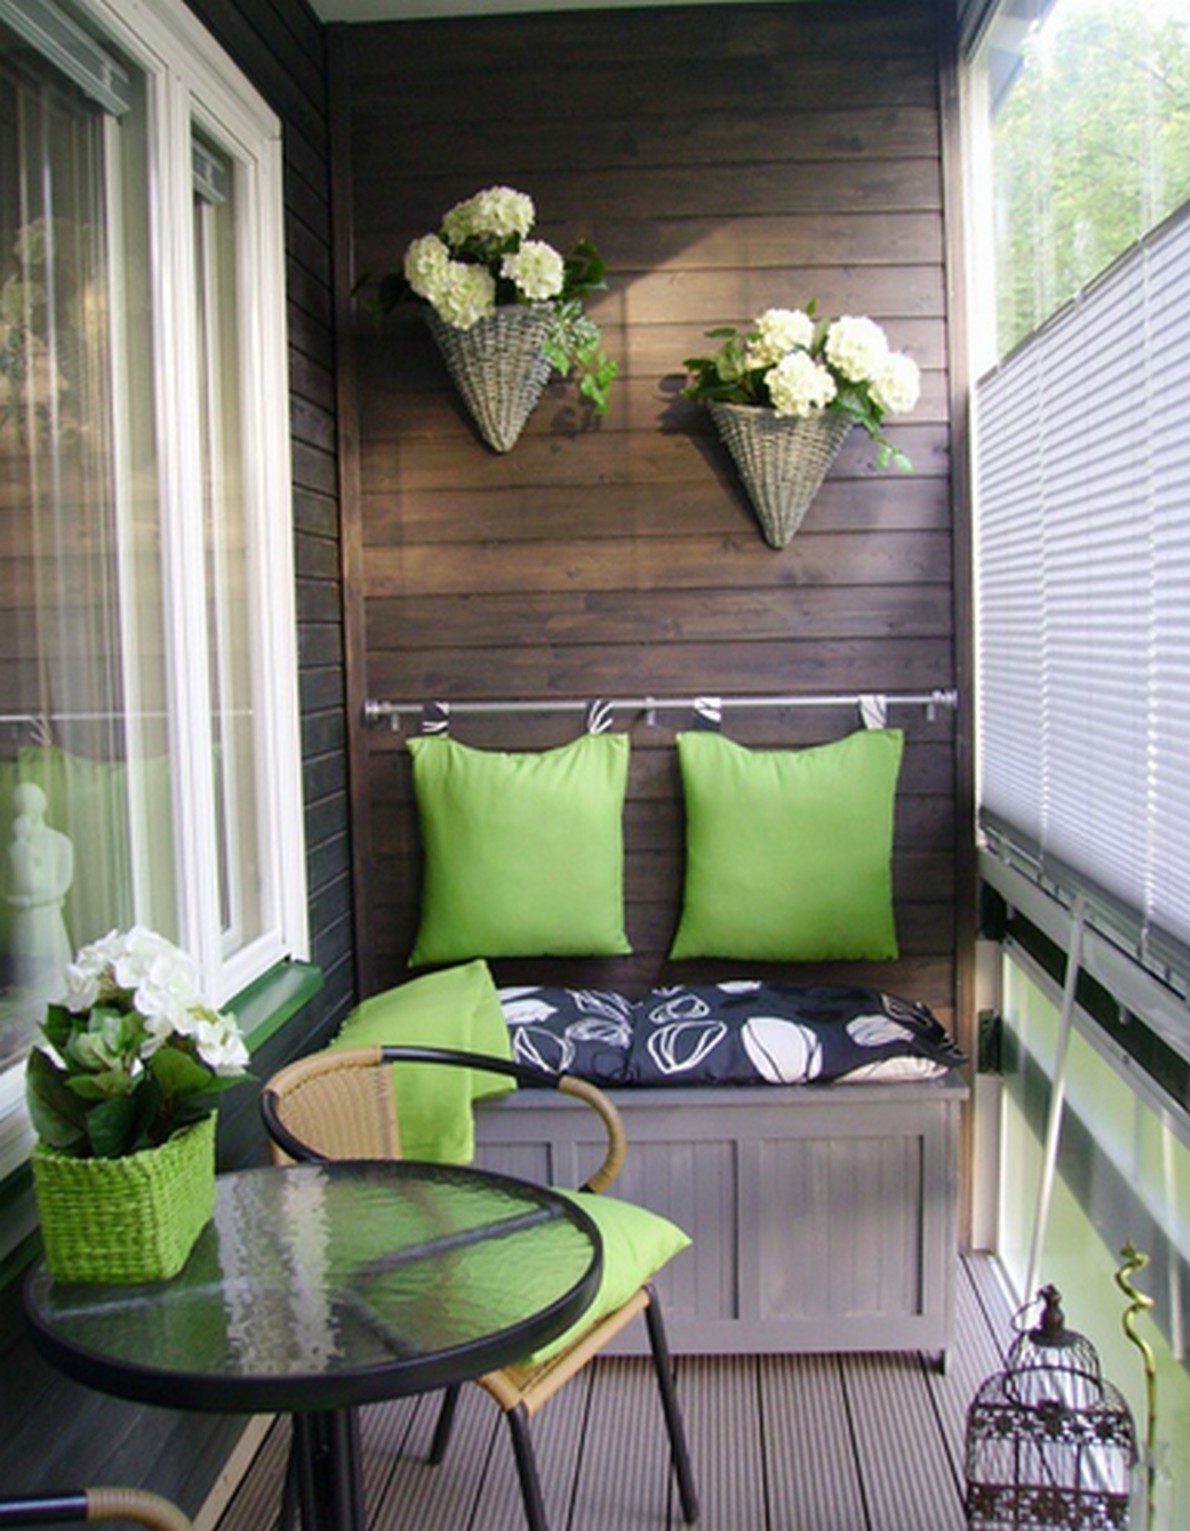 Come sfruttare al massimo il proprio balcone e trasformarlo in ci che si desidera Fotogallery